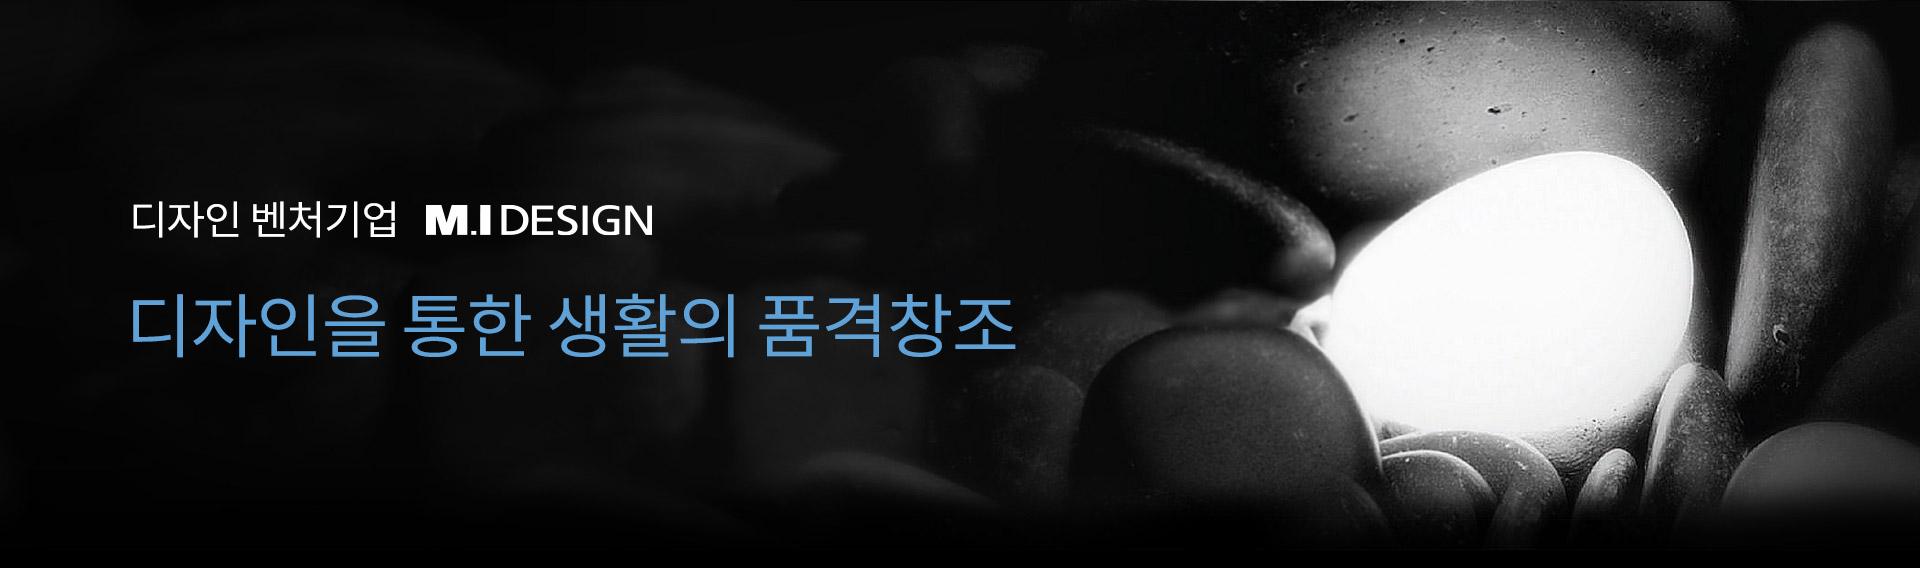 엠아이디자인 브랜드 소개